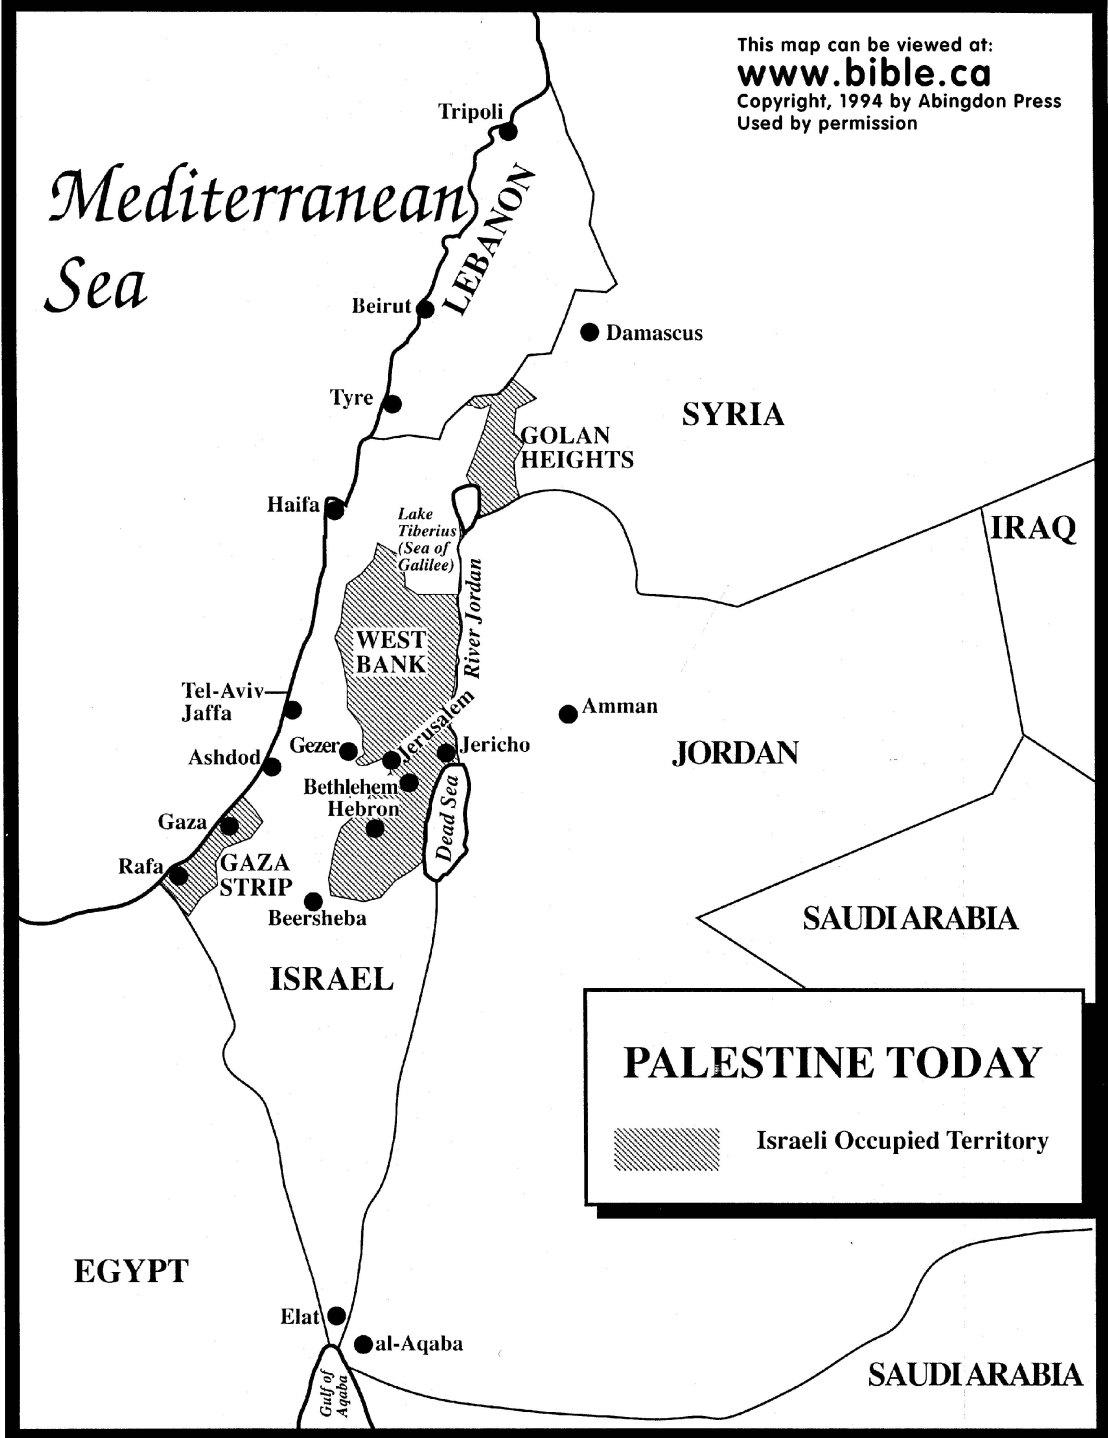 maps-palestine-today